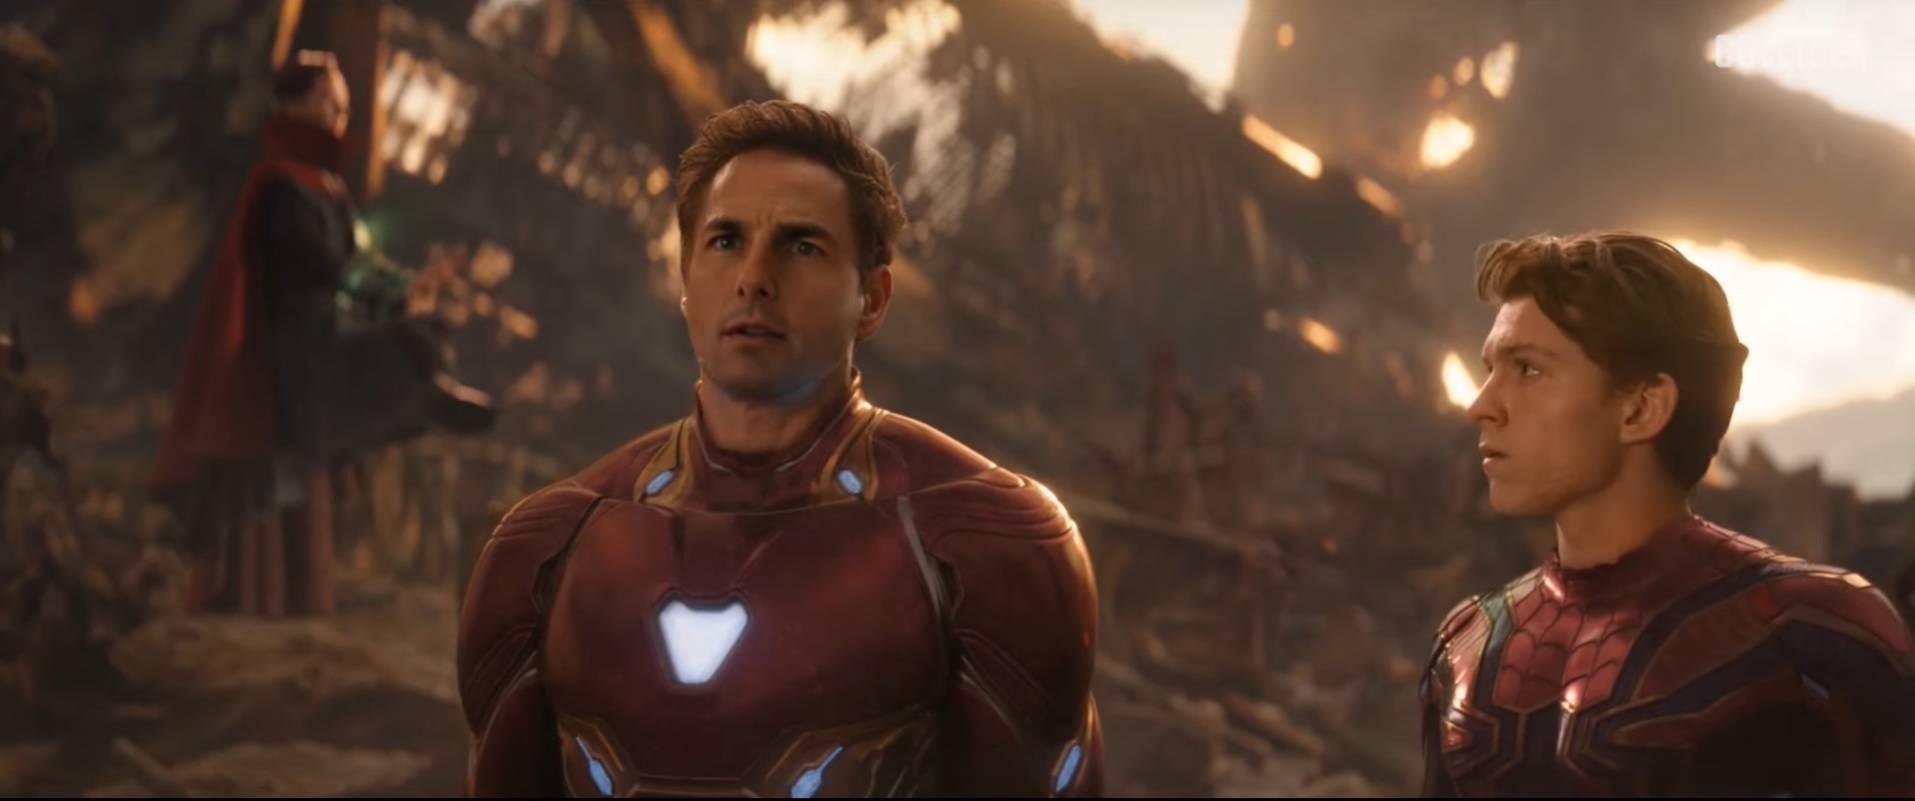 Iron Man Deepfake